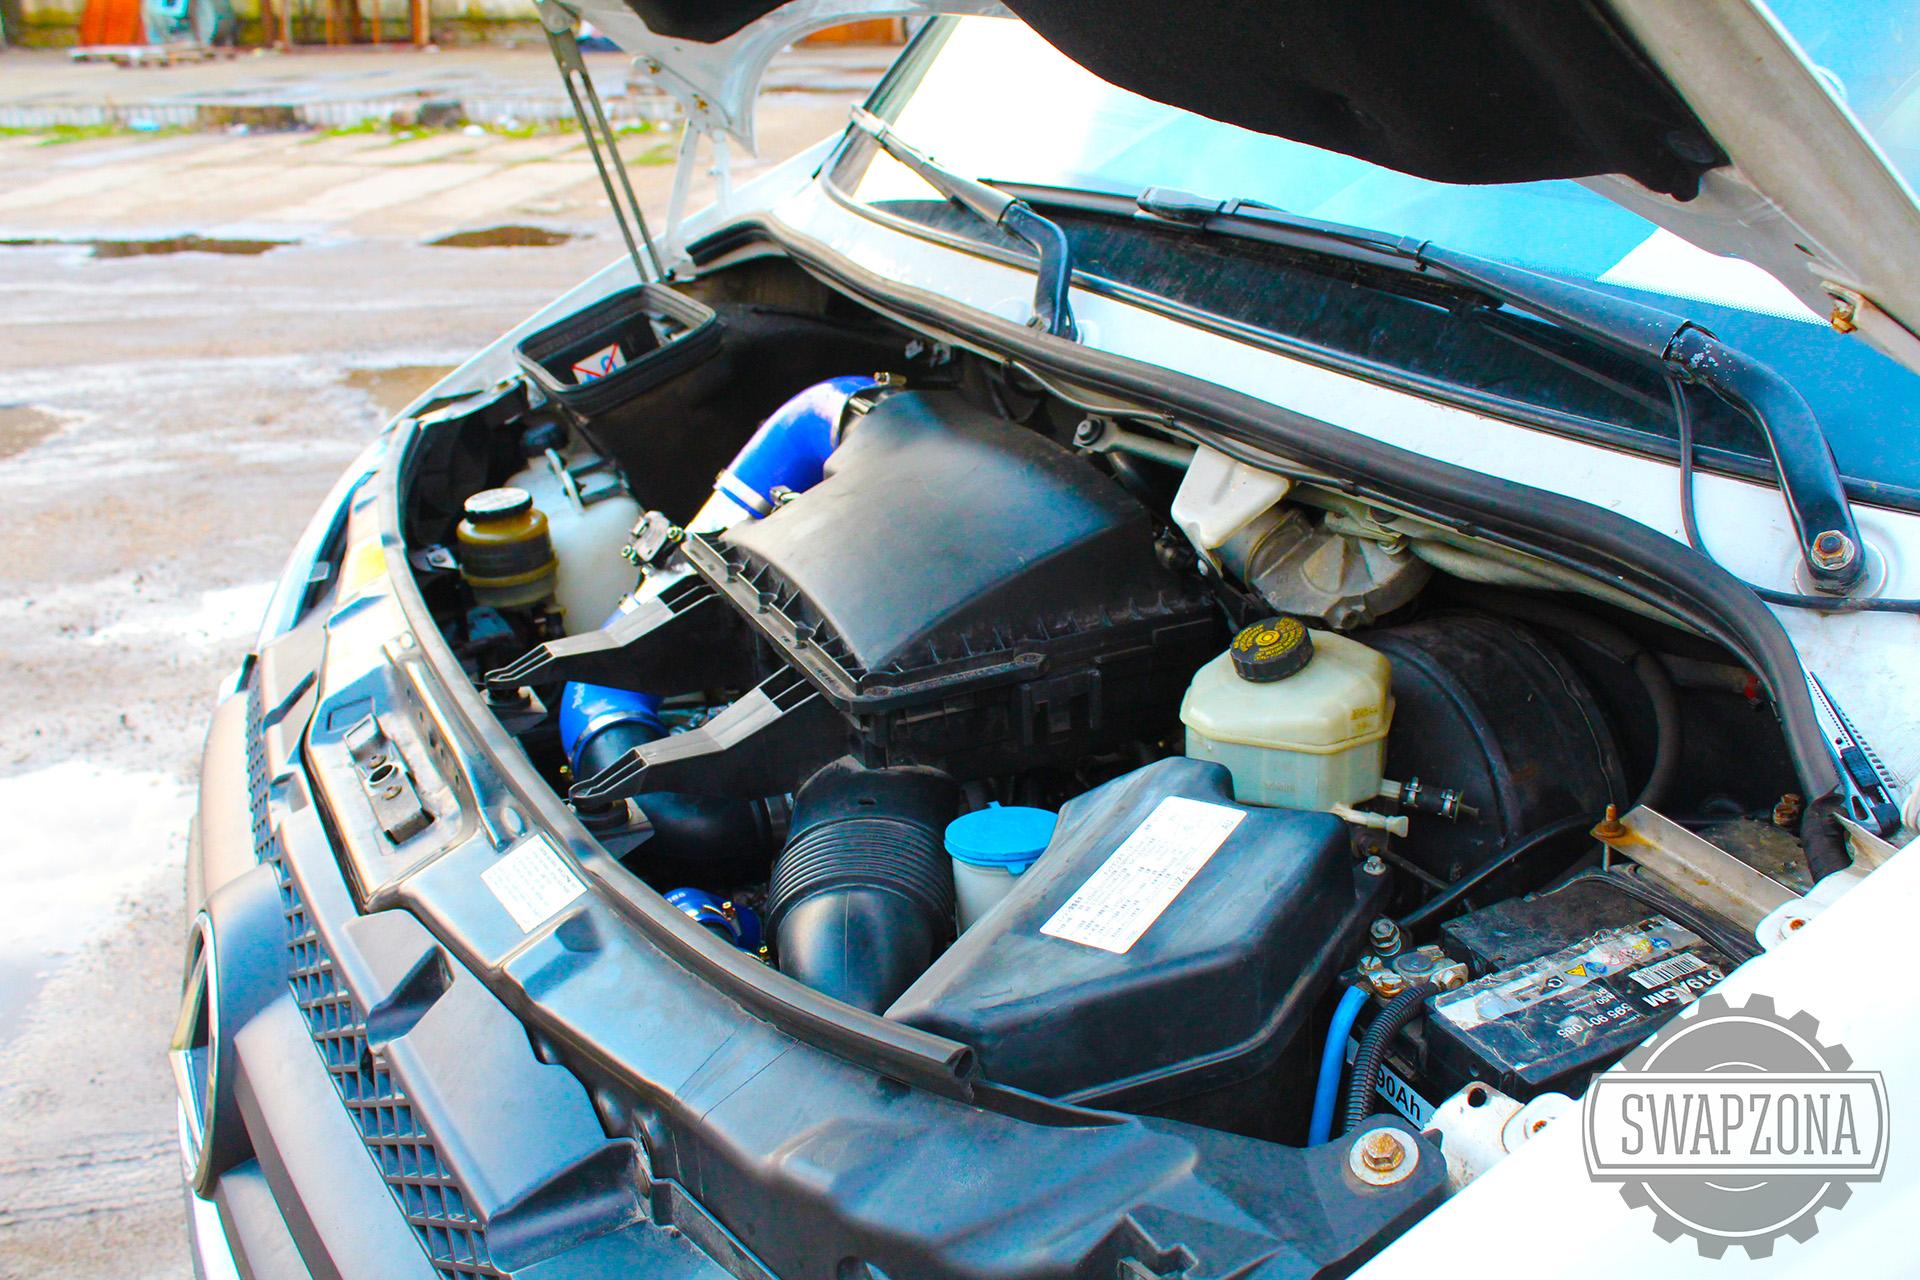 Мерседес Спринтер Автодом 3UZ-FE V8 4.3 свап замена двигателя Краснодар